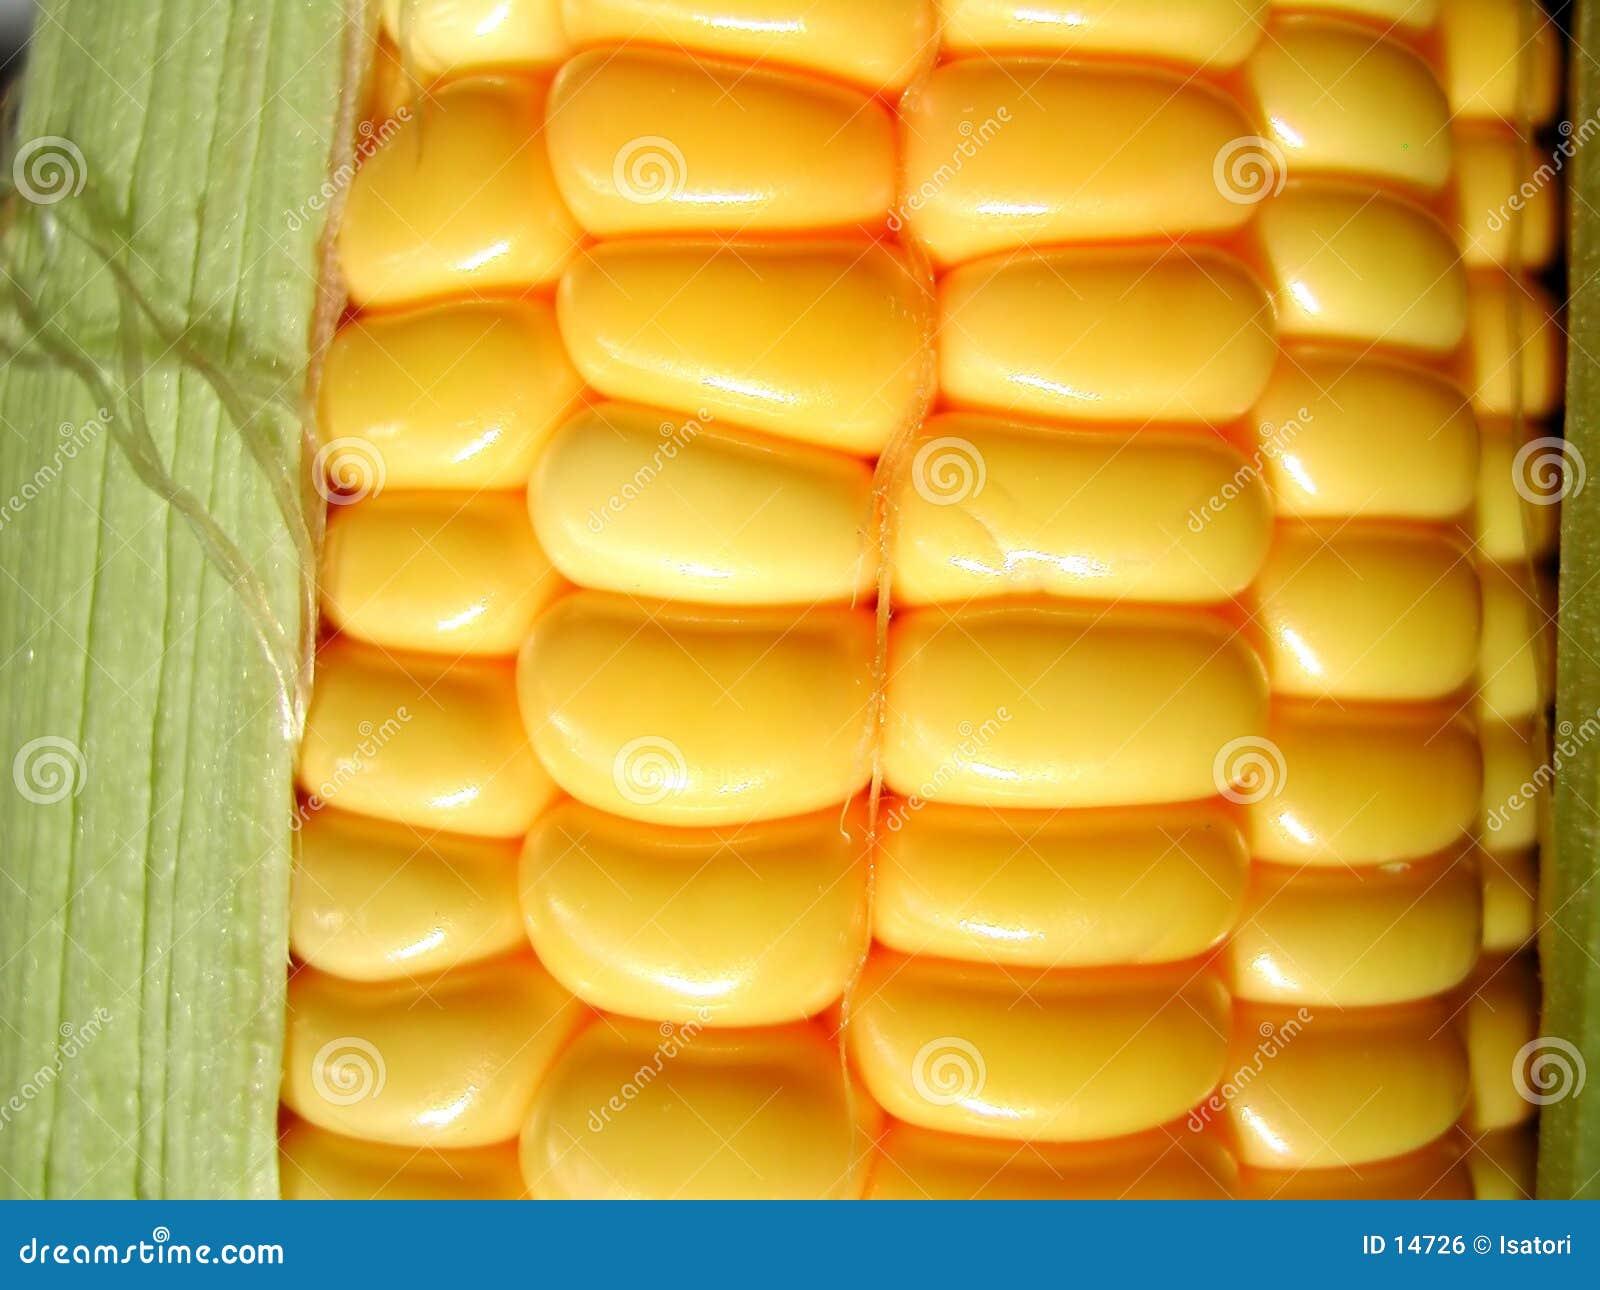 Download Cereale fresco fotografia stock. Immagine di sano, nutrients - 14726